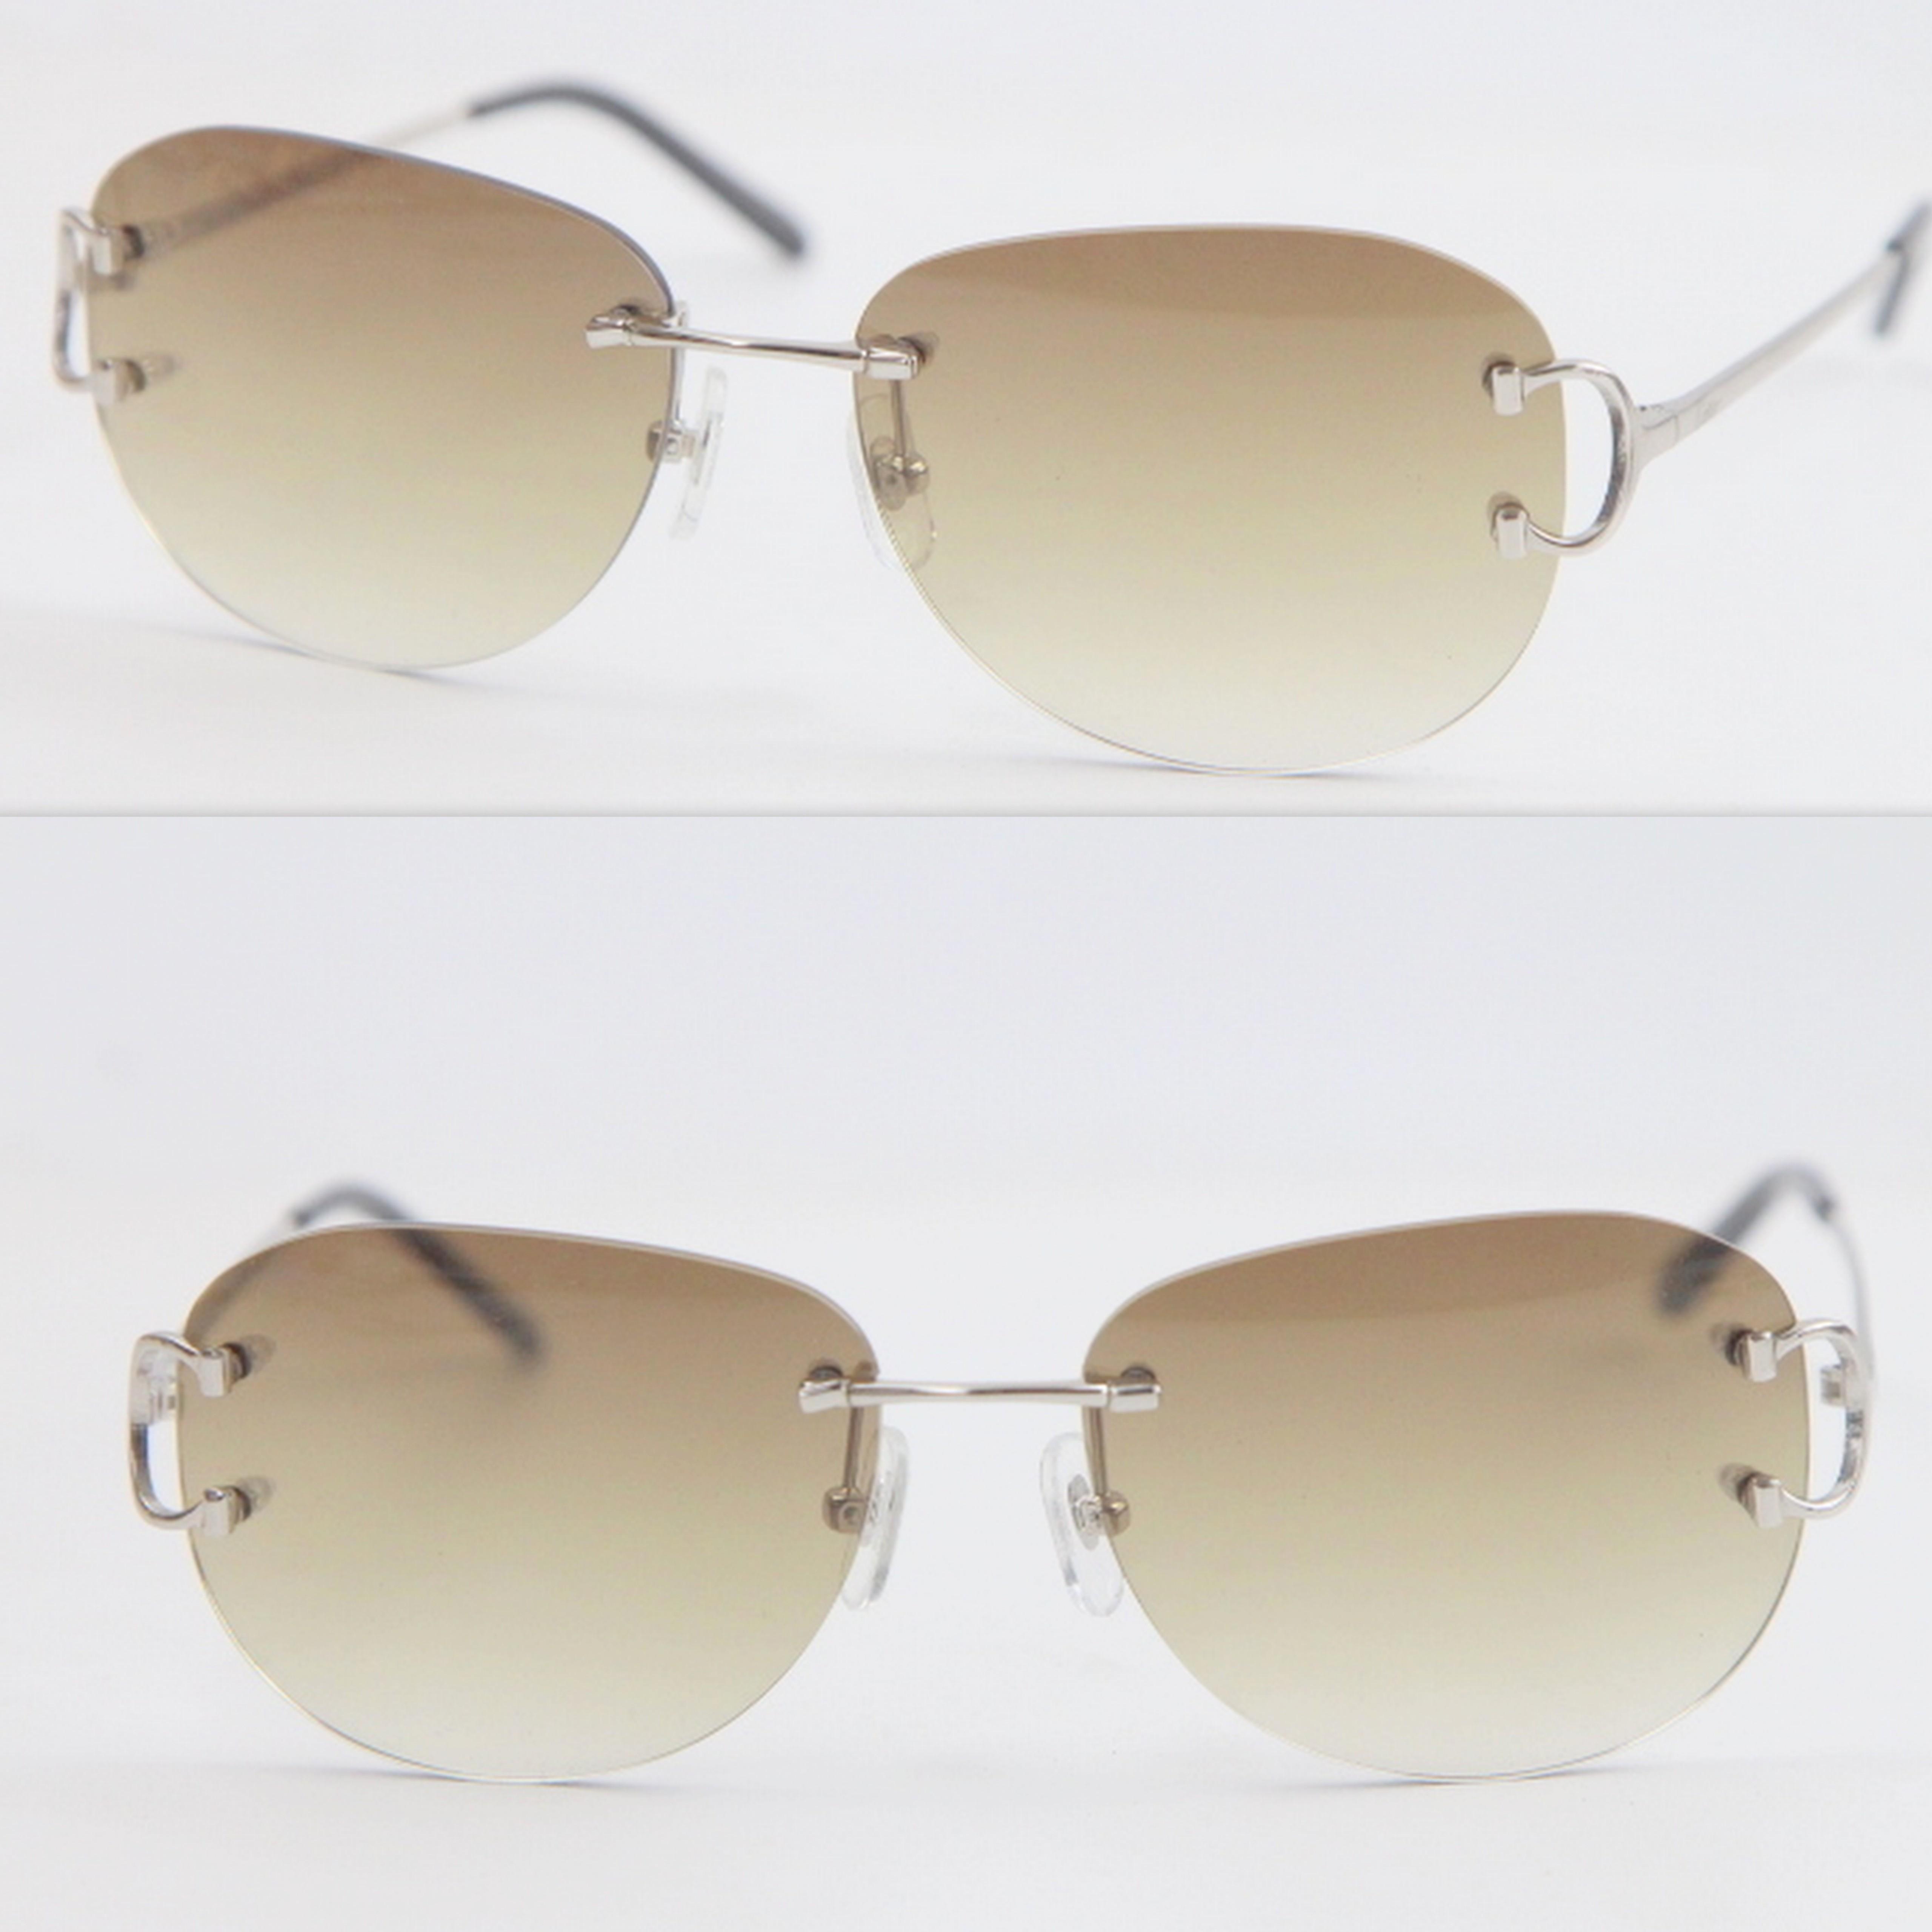 Novos Homens Dirigindo UV400 Ao Ar Livre Óculos De Moda Óculos De Sol Rimless Moda Fashion Woman 4193828 Proteção Sol óculos Óculos Hot Axor